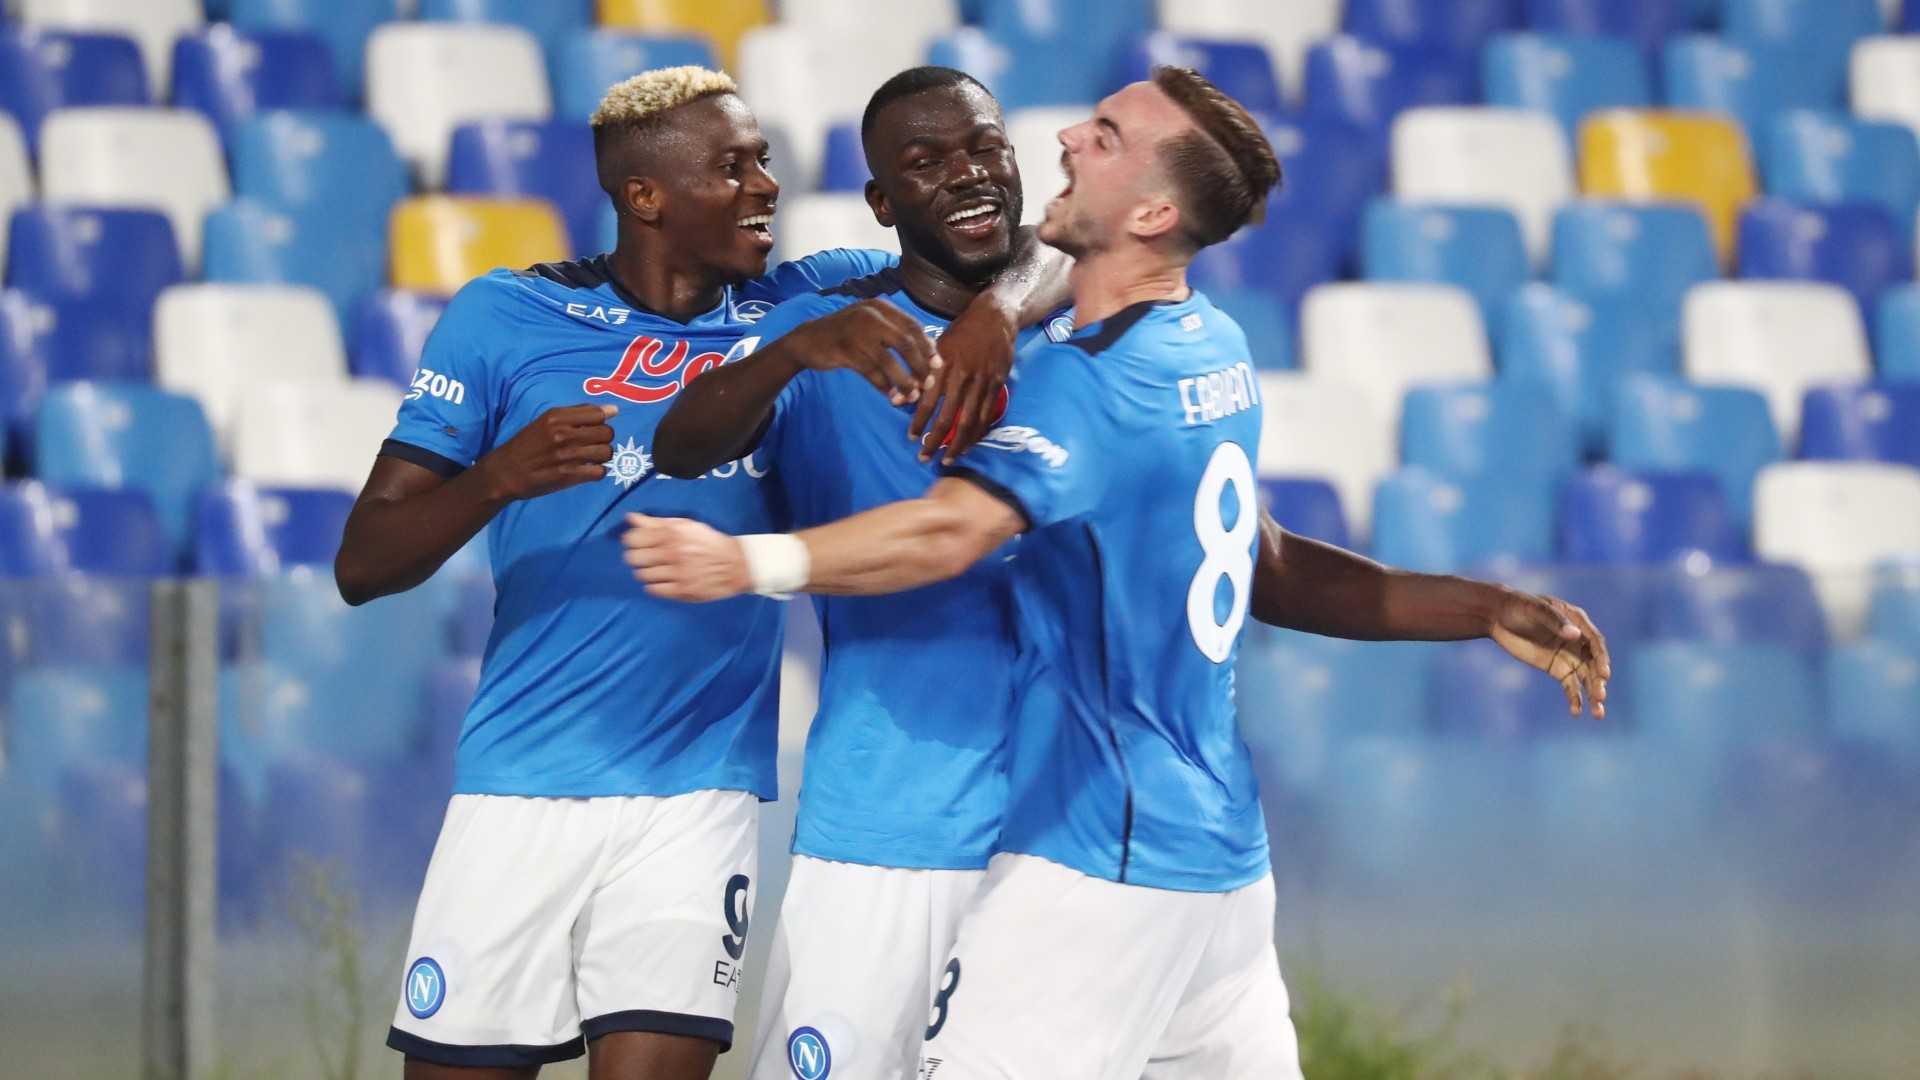 Le pagelle di Udinese-Napoli (0-4): partenopei primi